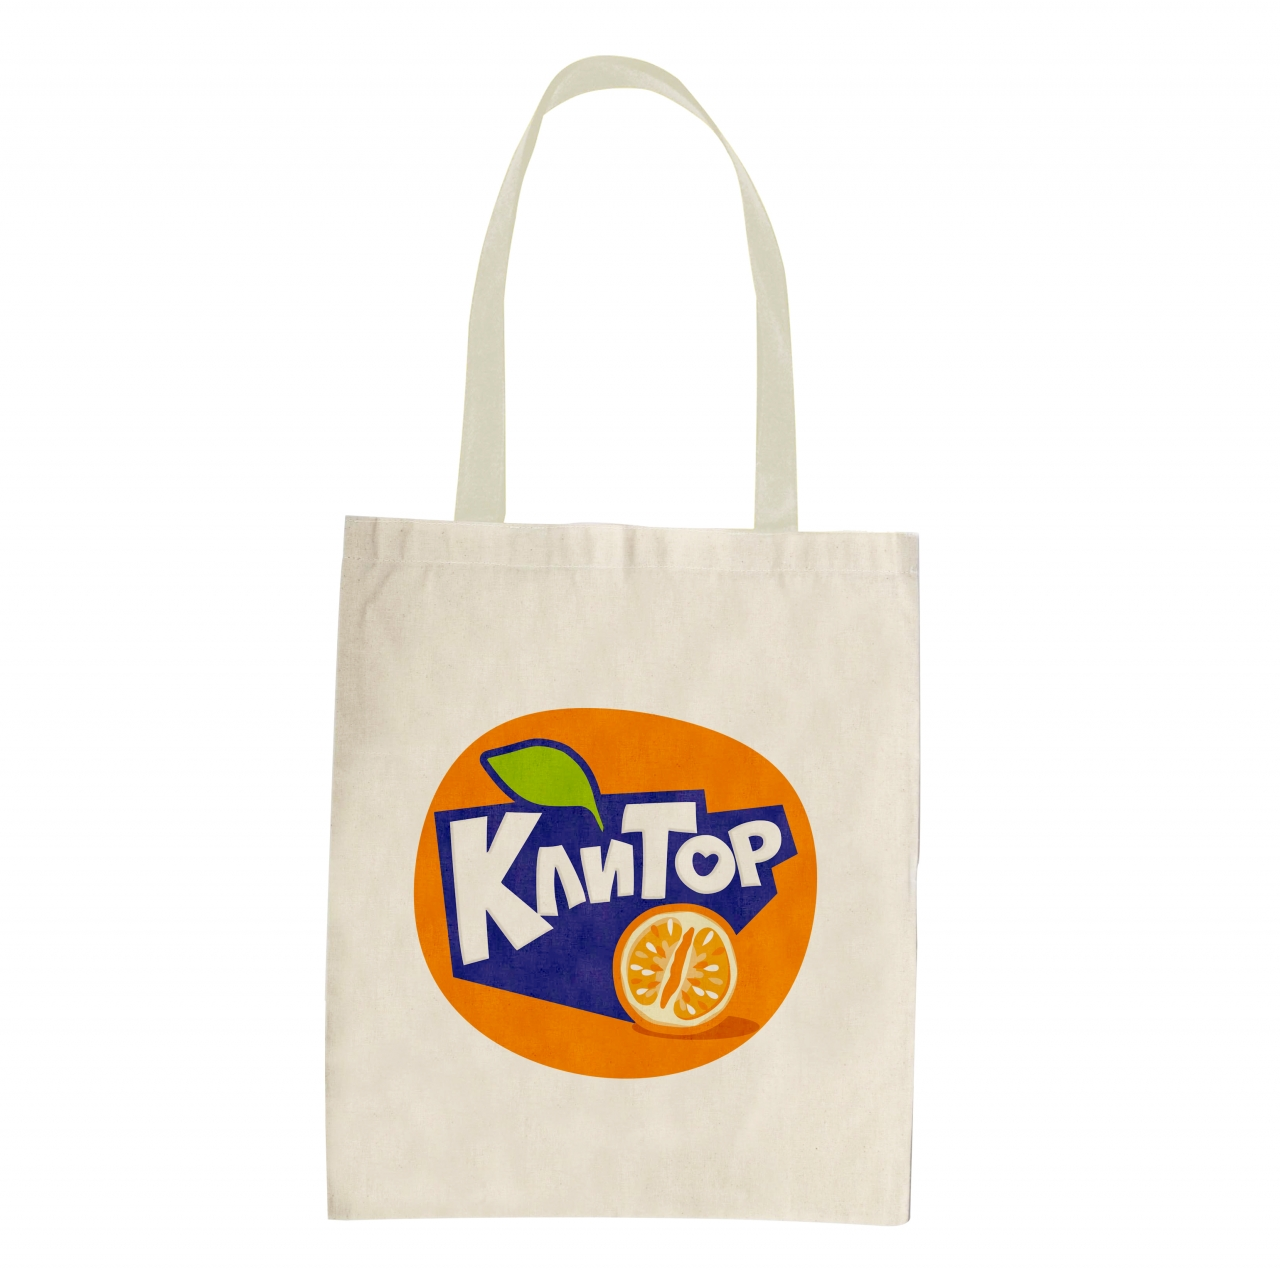 сумка, шоппер, экотоба, экосумка, bag, еко